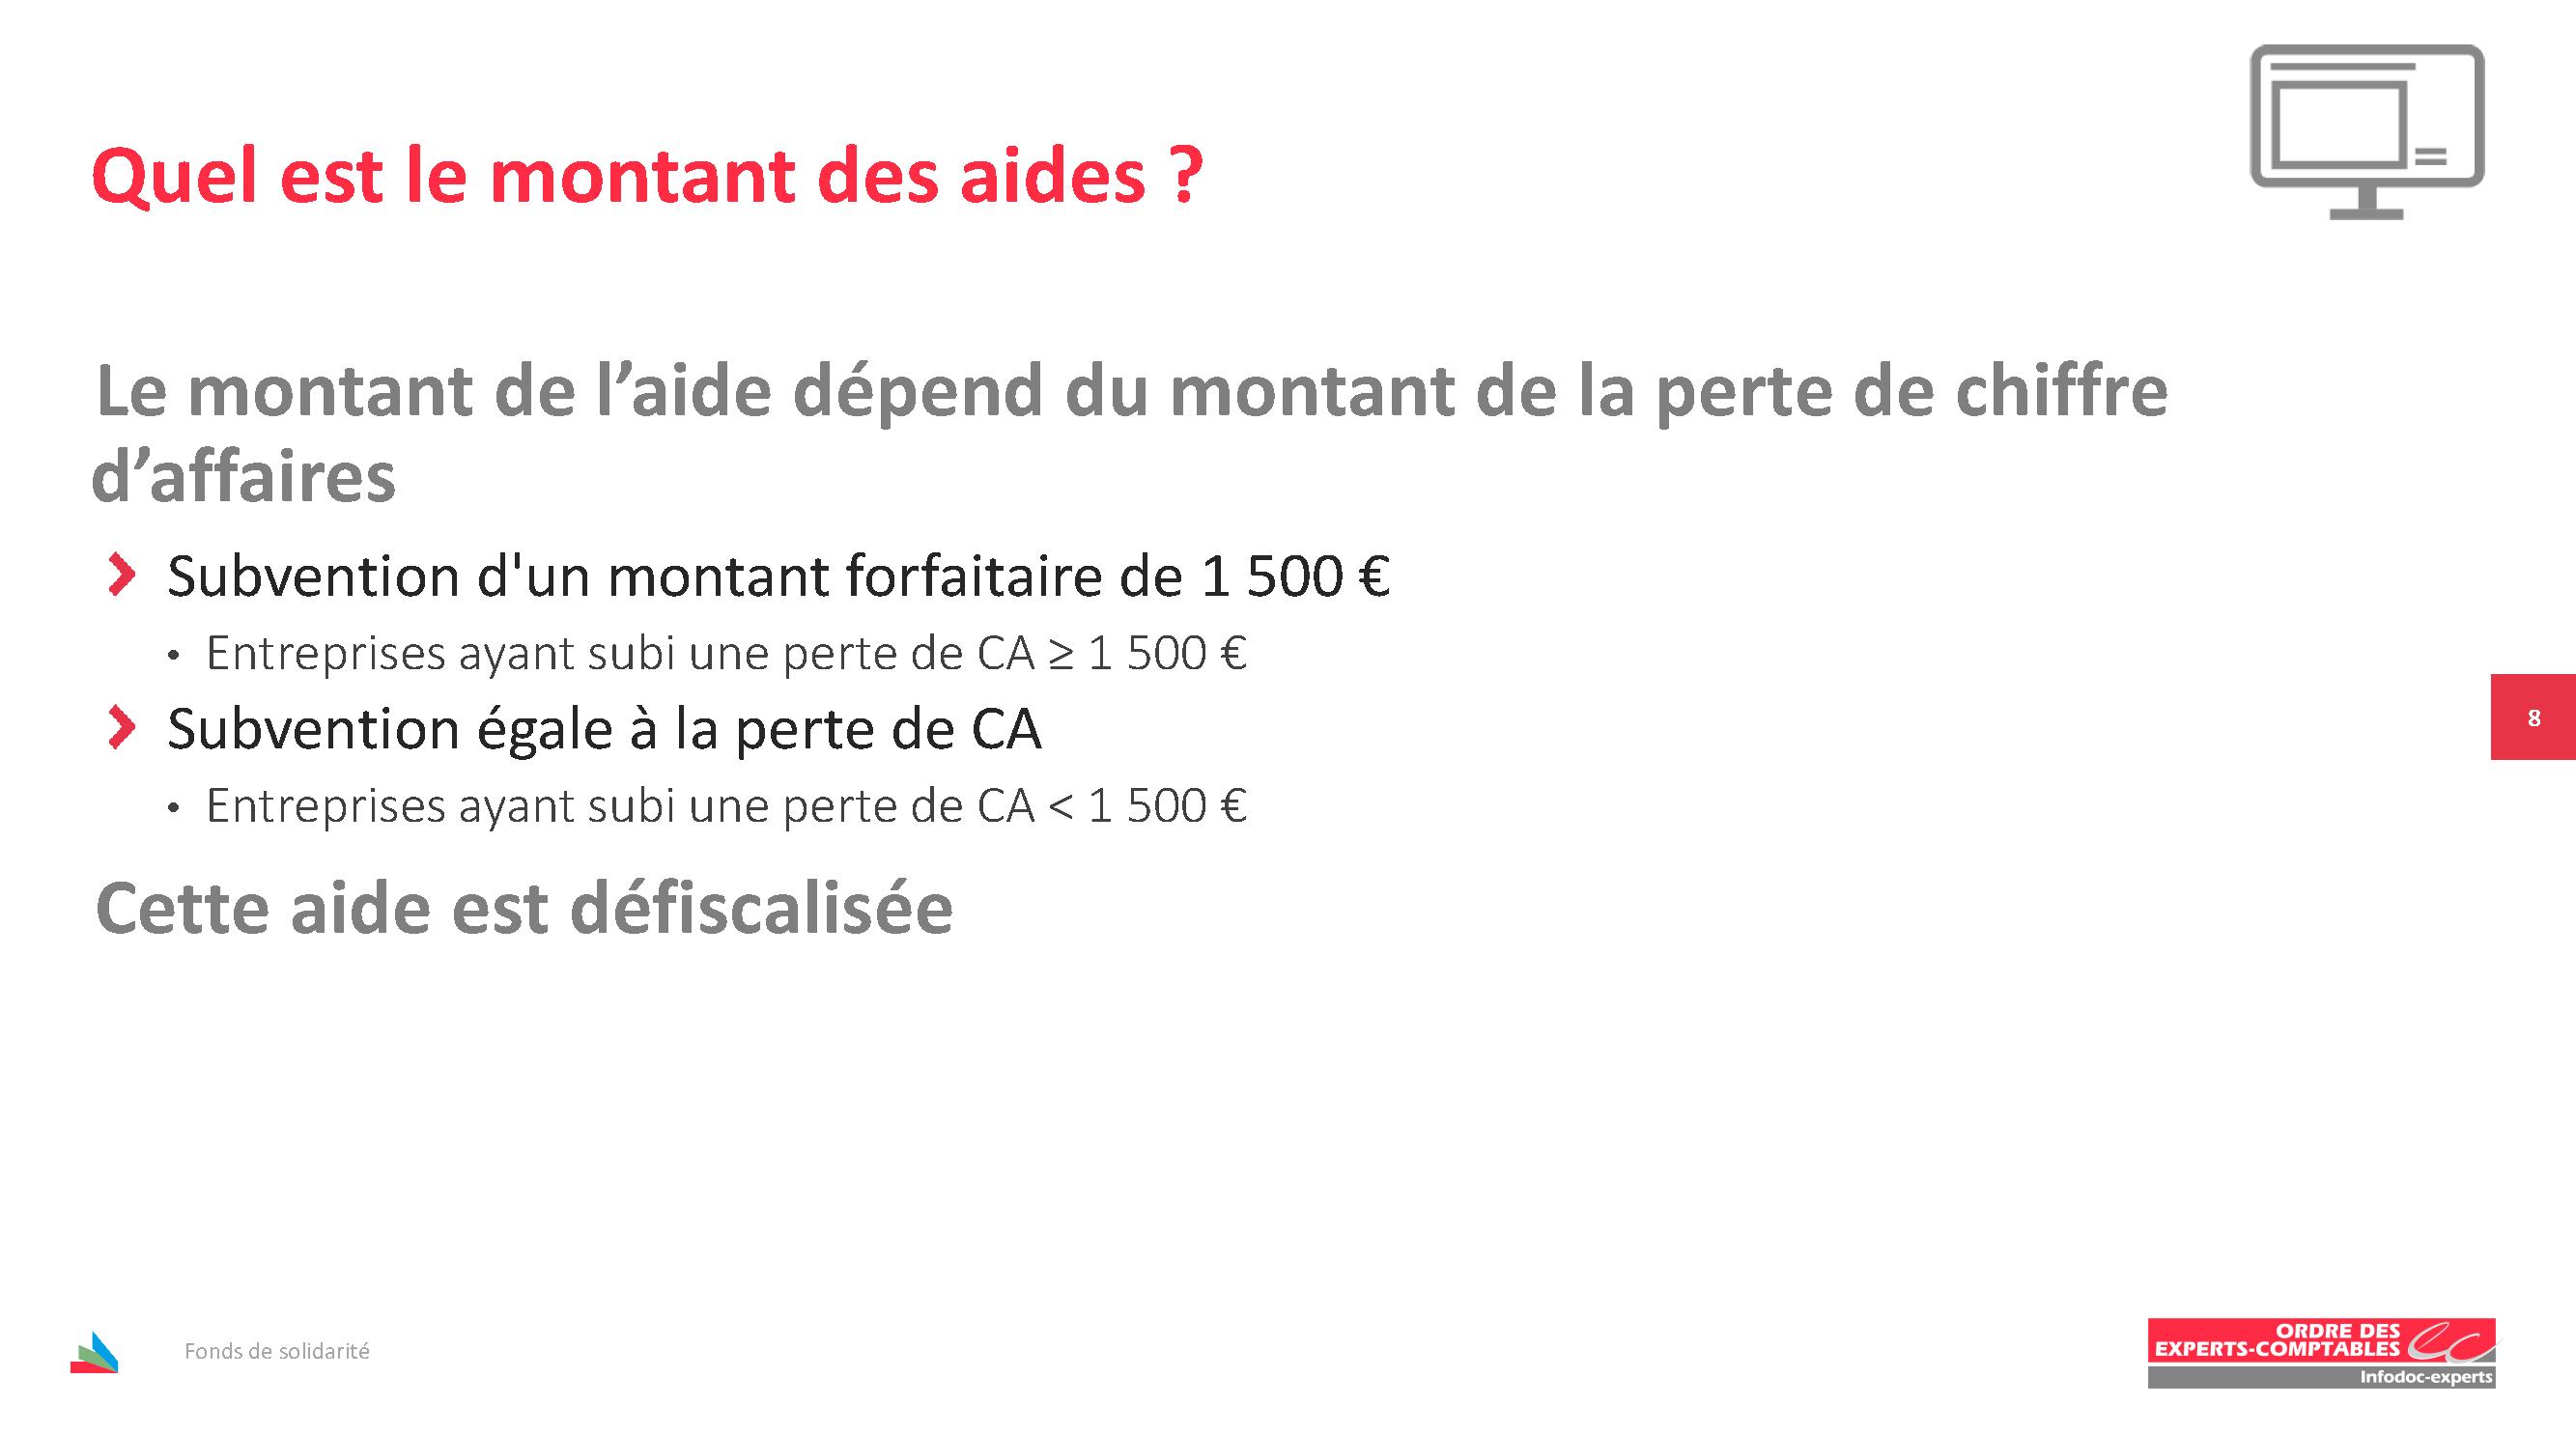 Fonds solidarité_diapo seul_31032020_Page_08